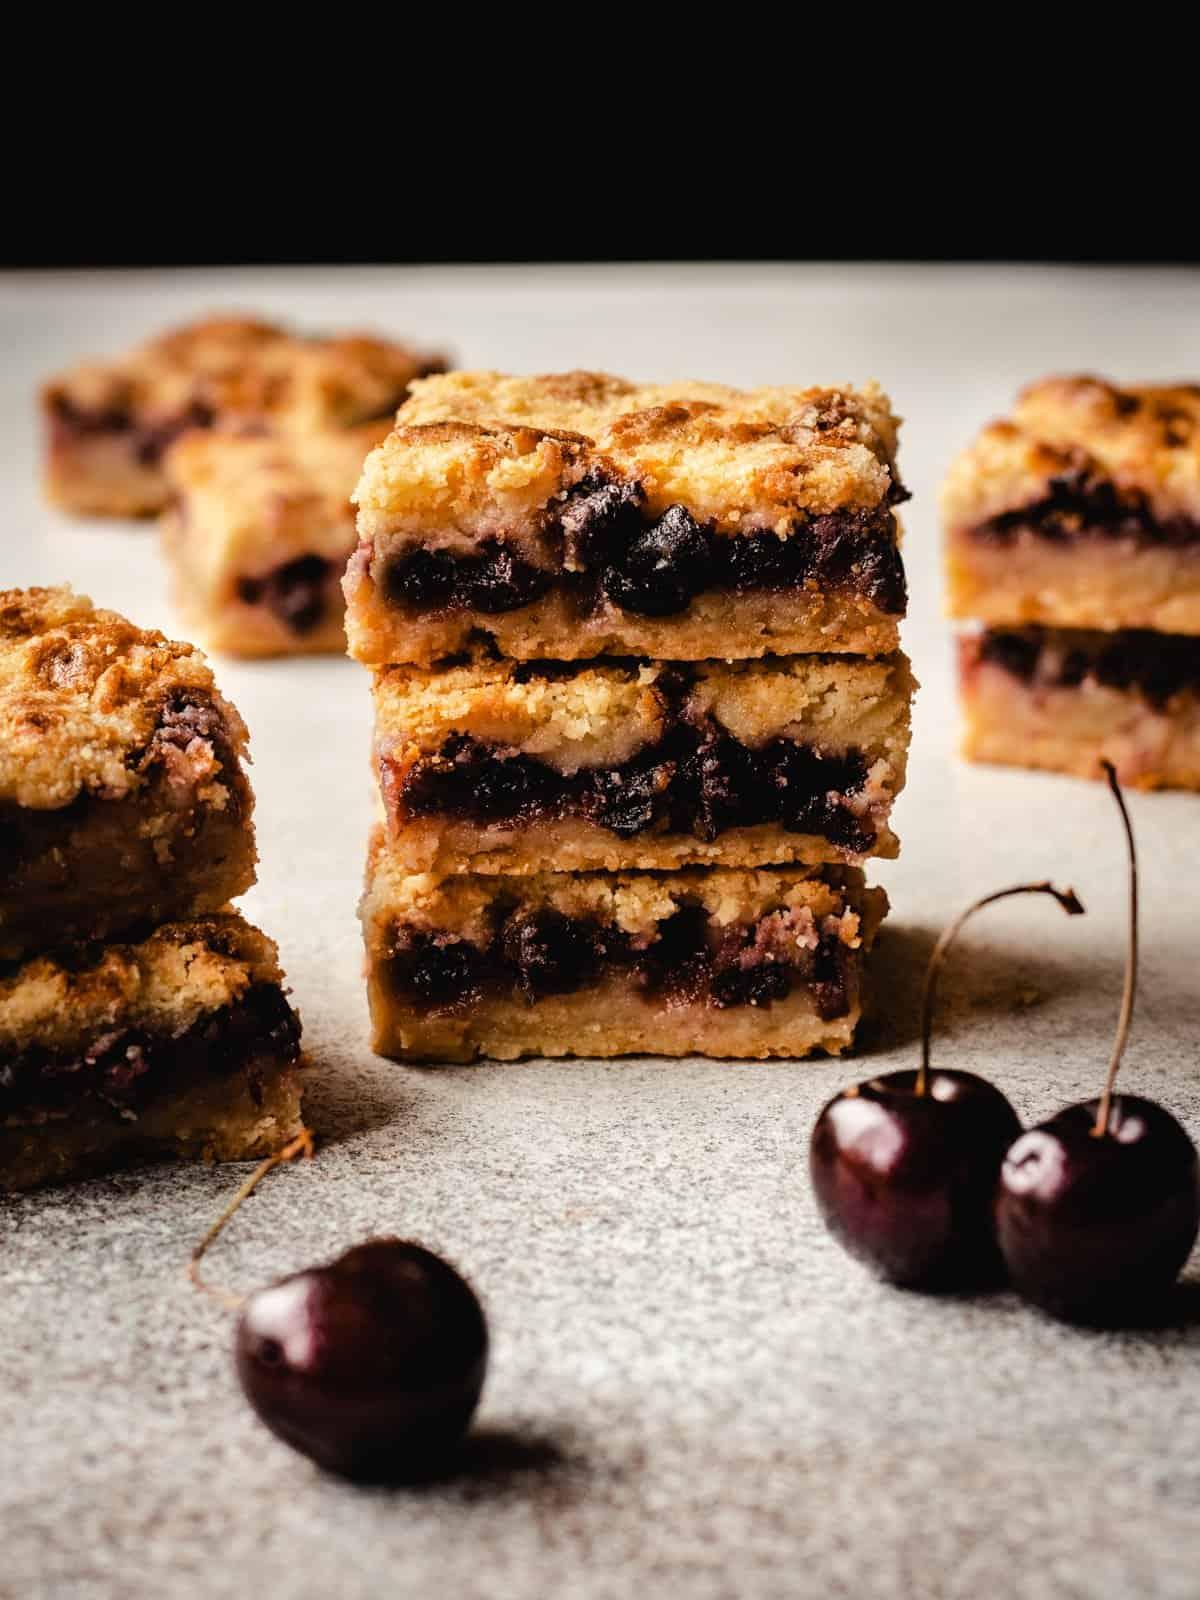 stack of 3 cherry pie bars